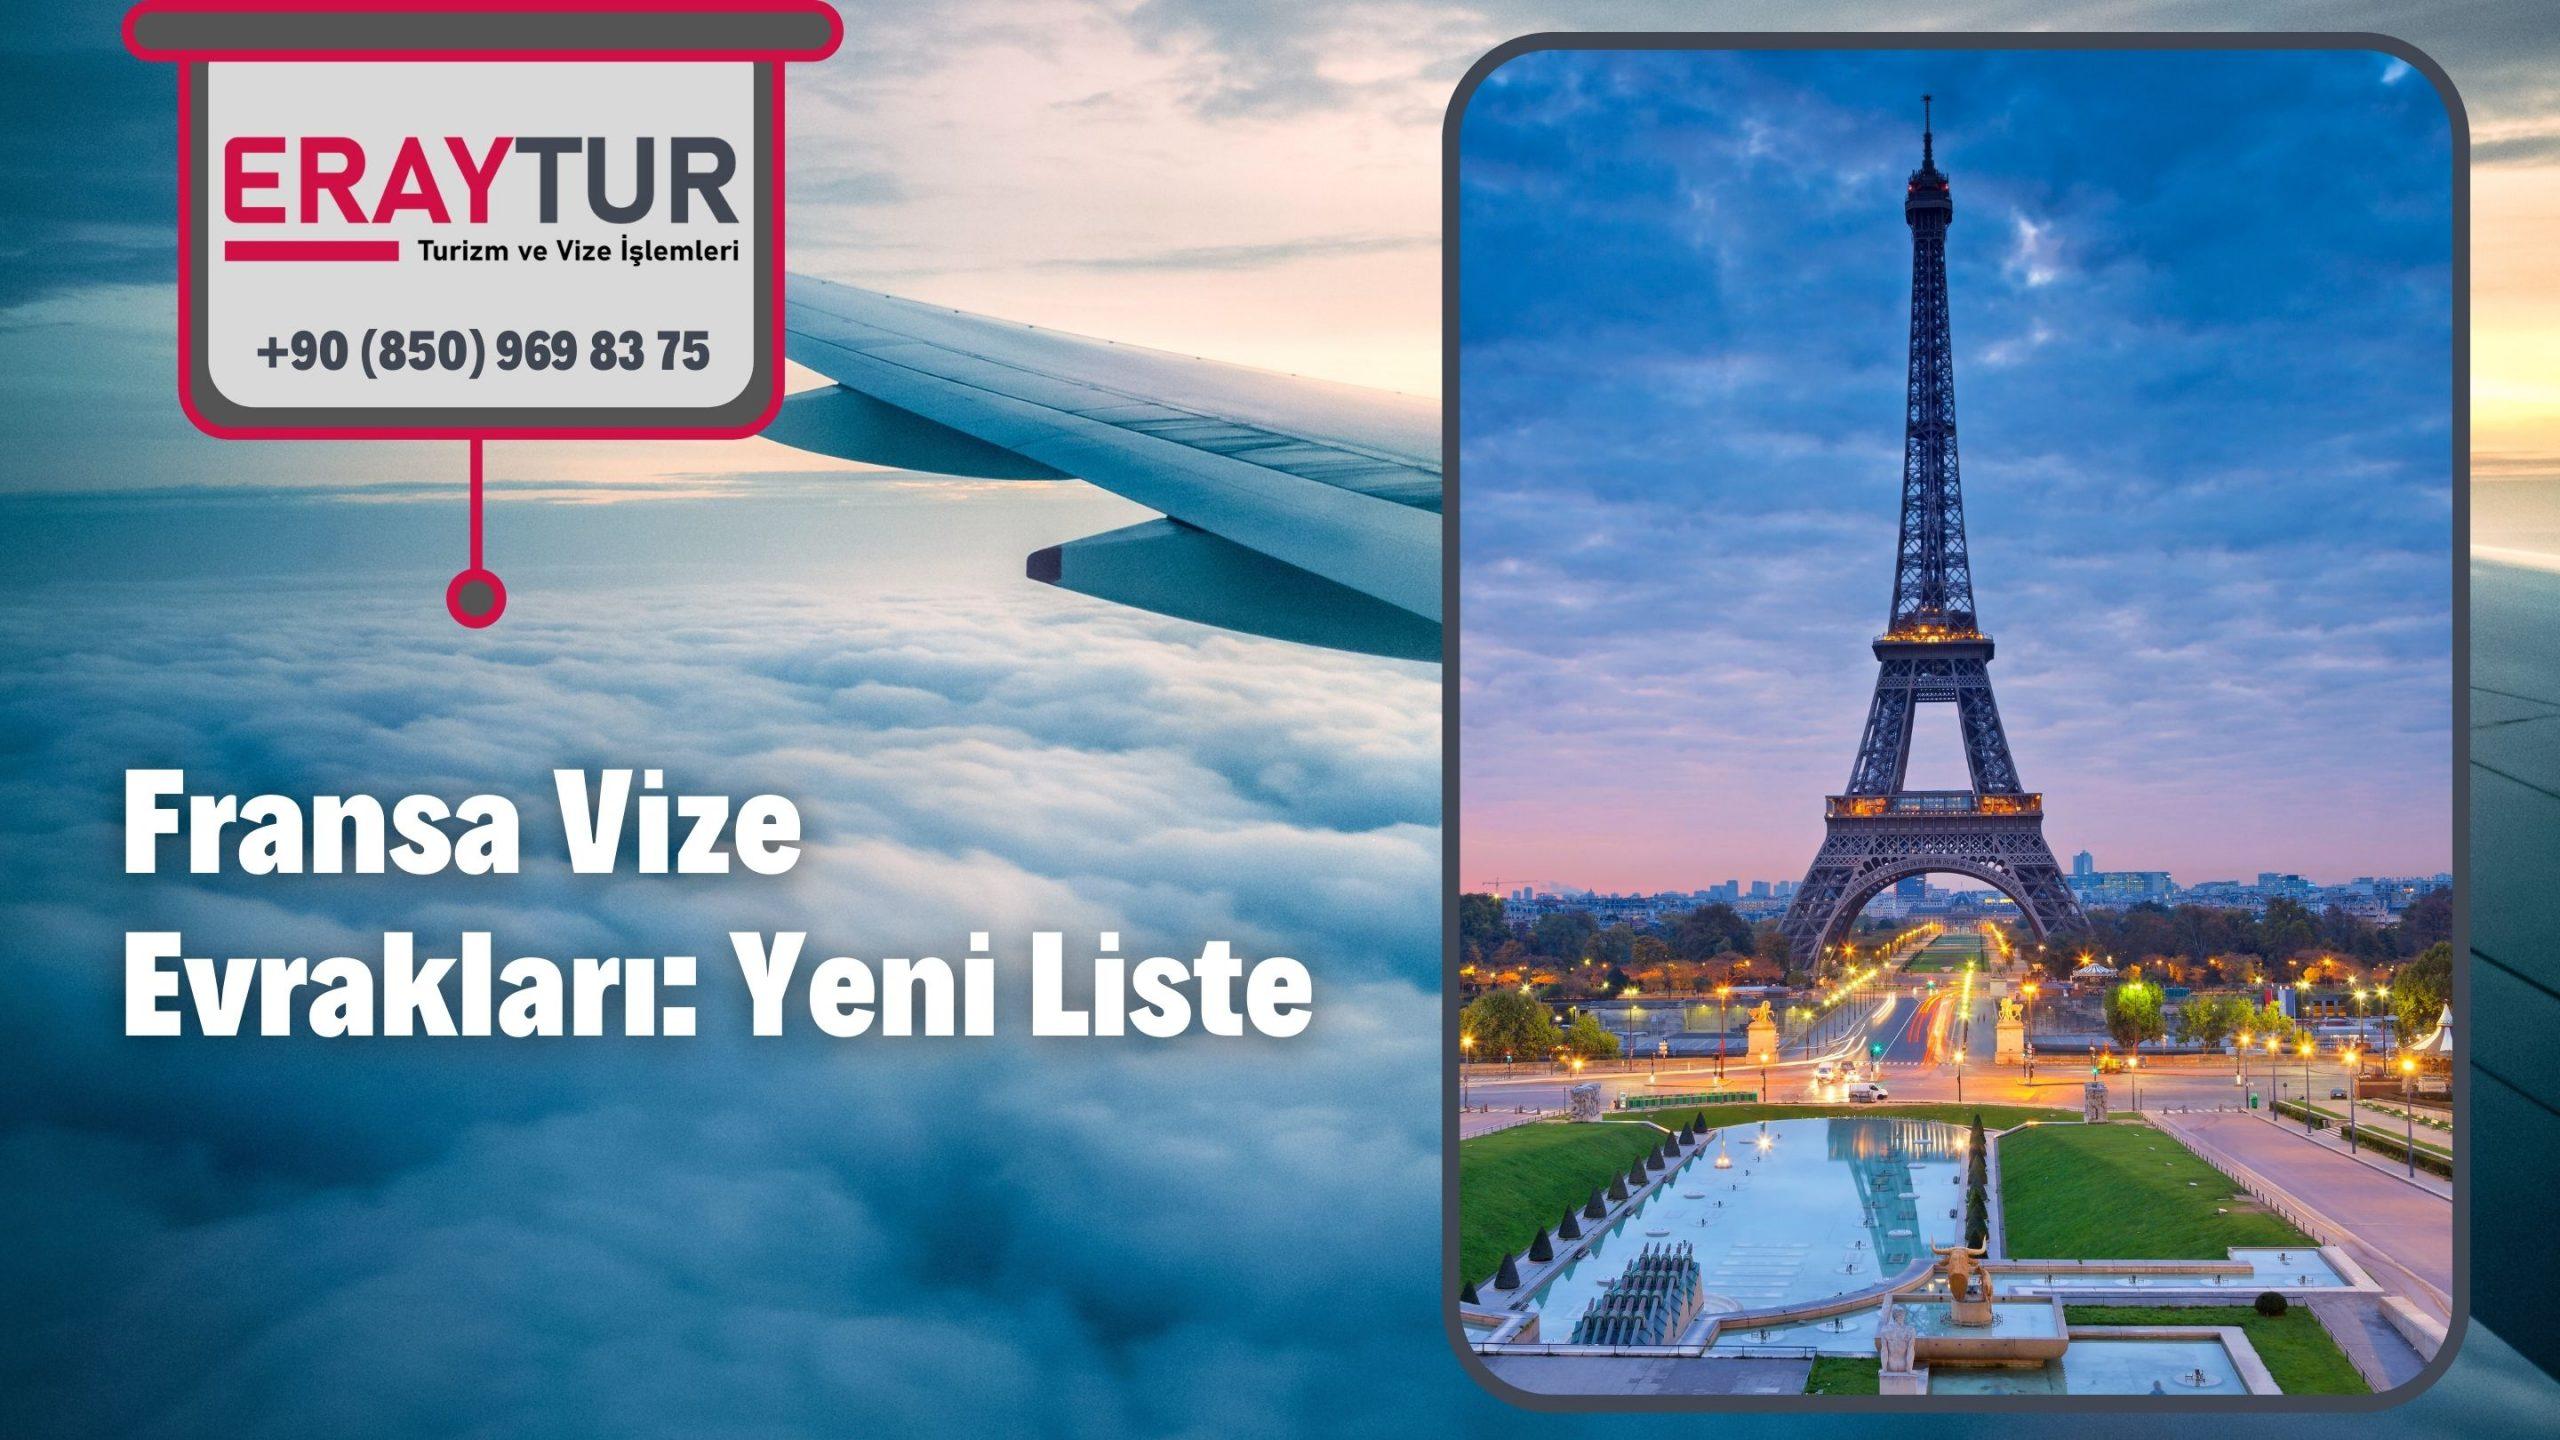 Fransa Vize Evrakları: Yeni Liste [2021]